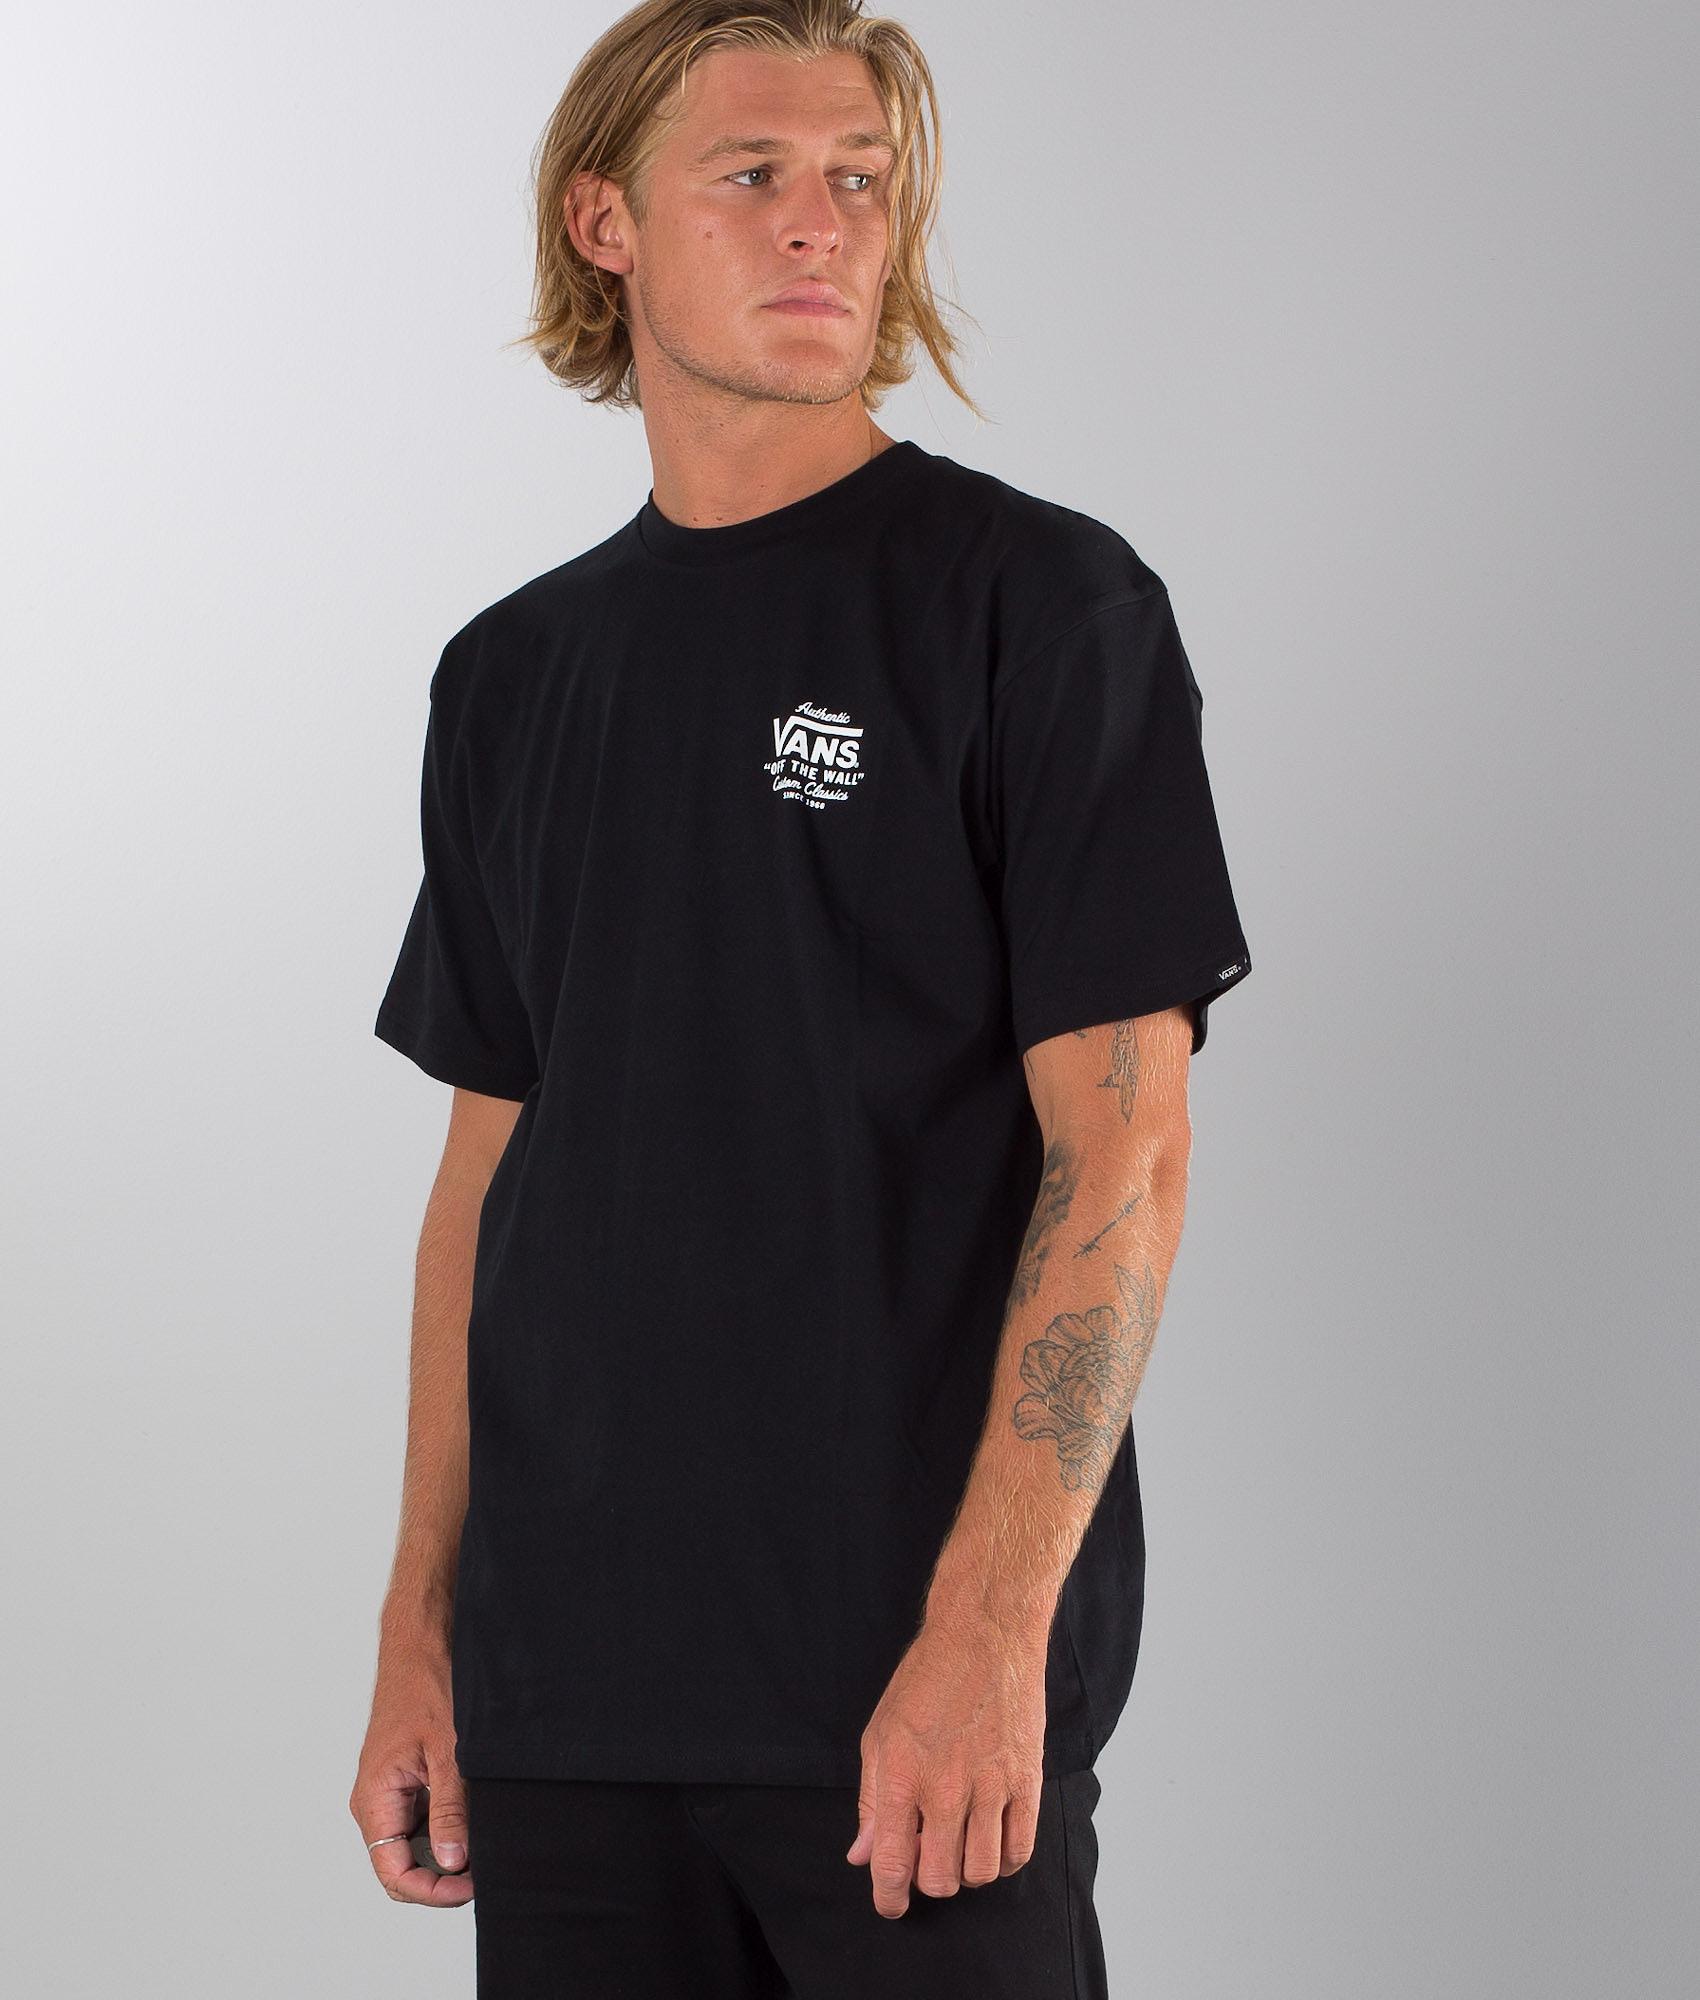 e90830e67ef481 Vans Holder St Classic T-shirt Black - Ridestore.com